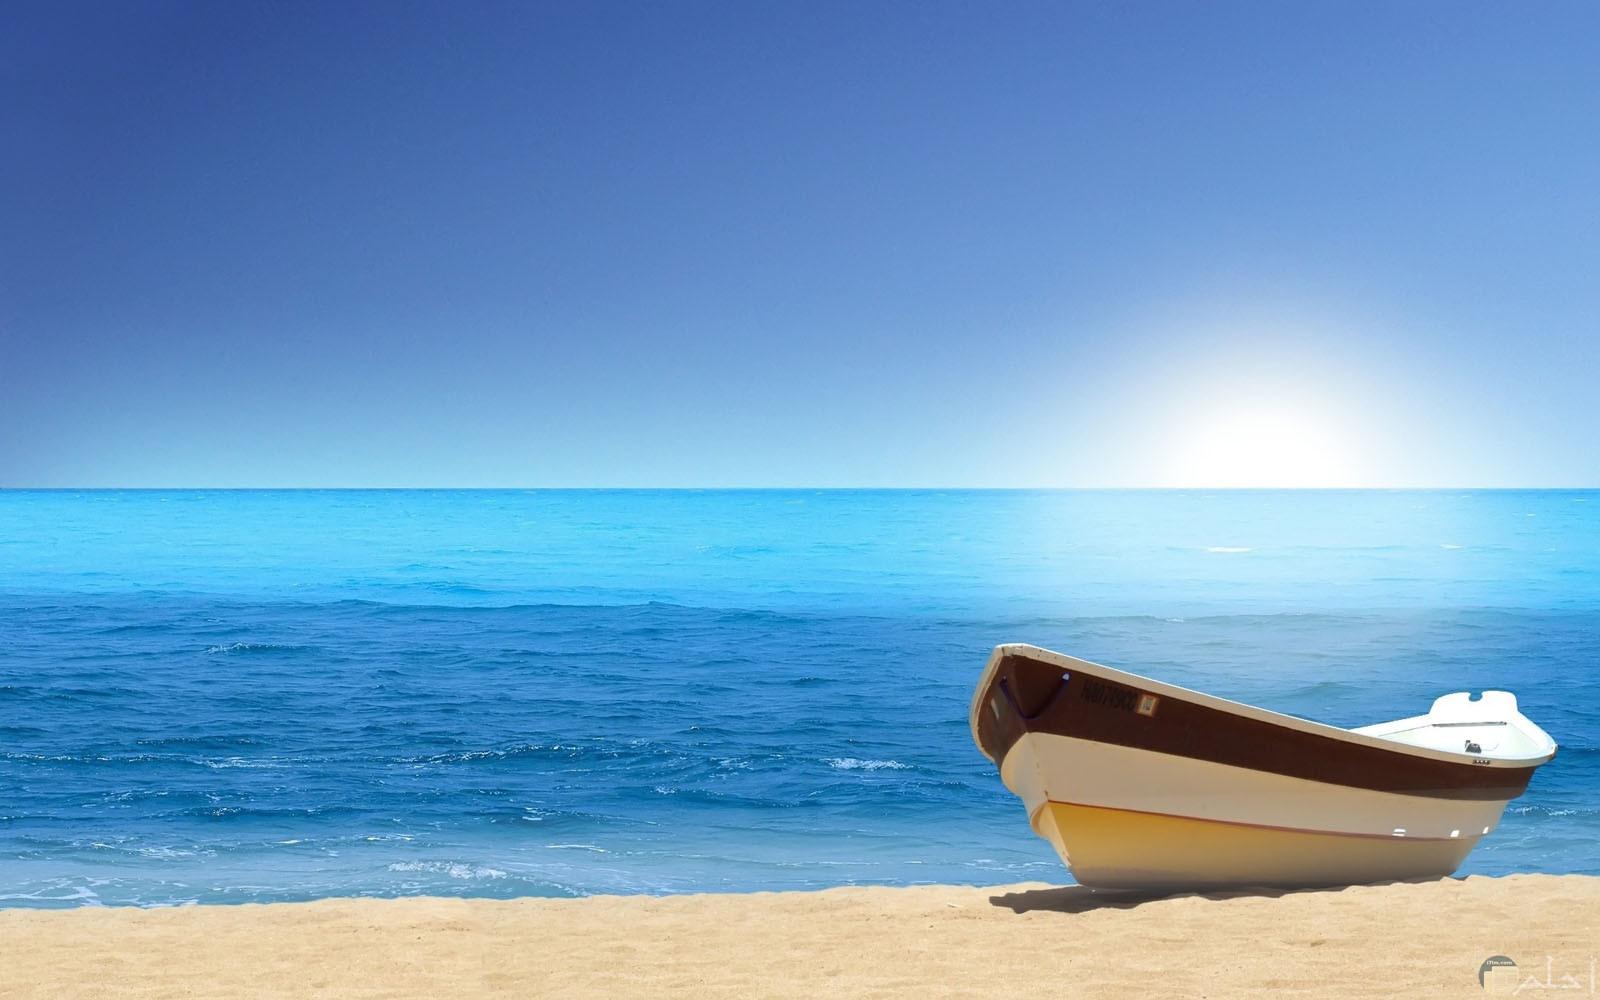 قارب صغير على شاطي بحر